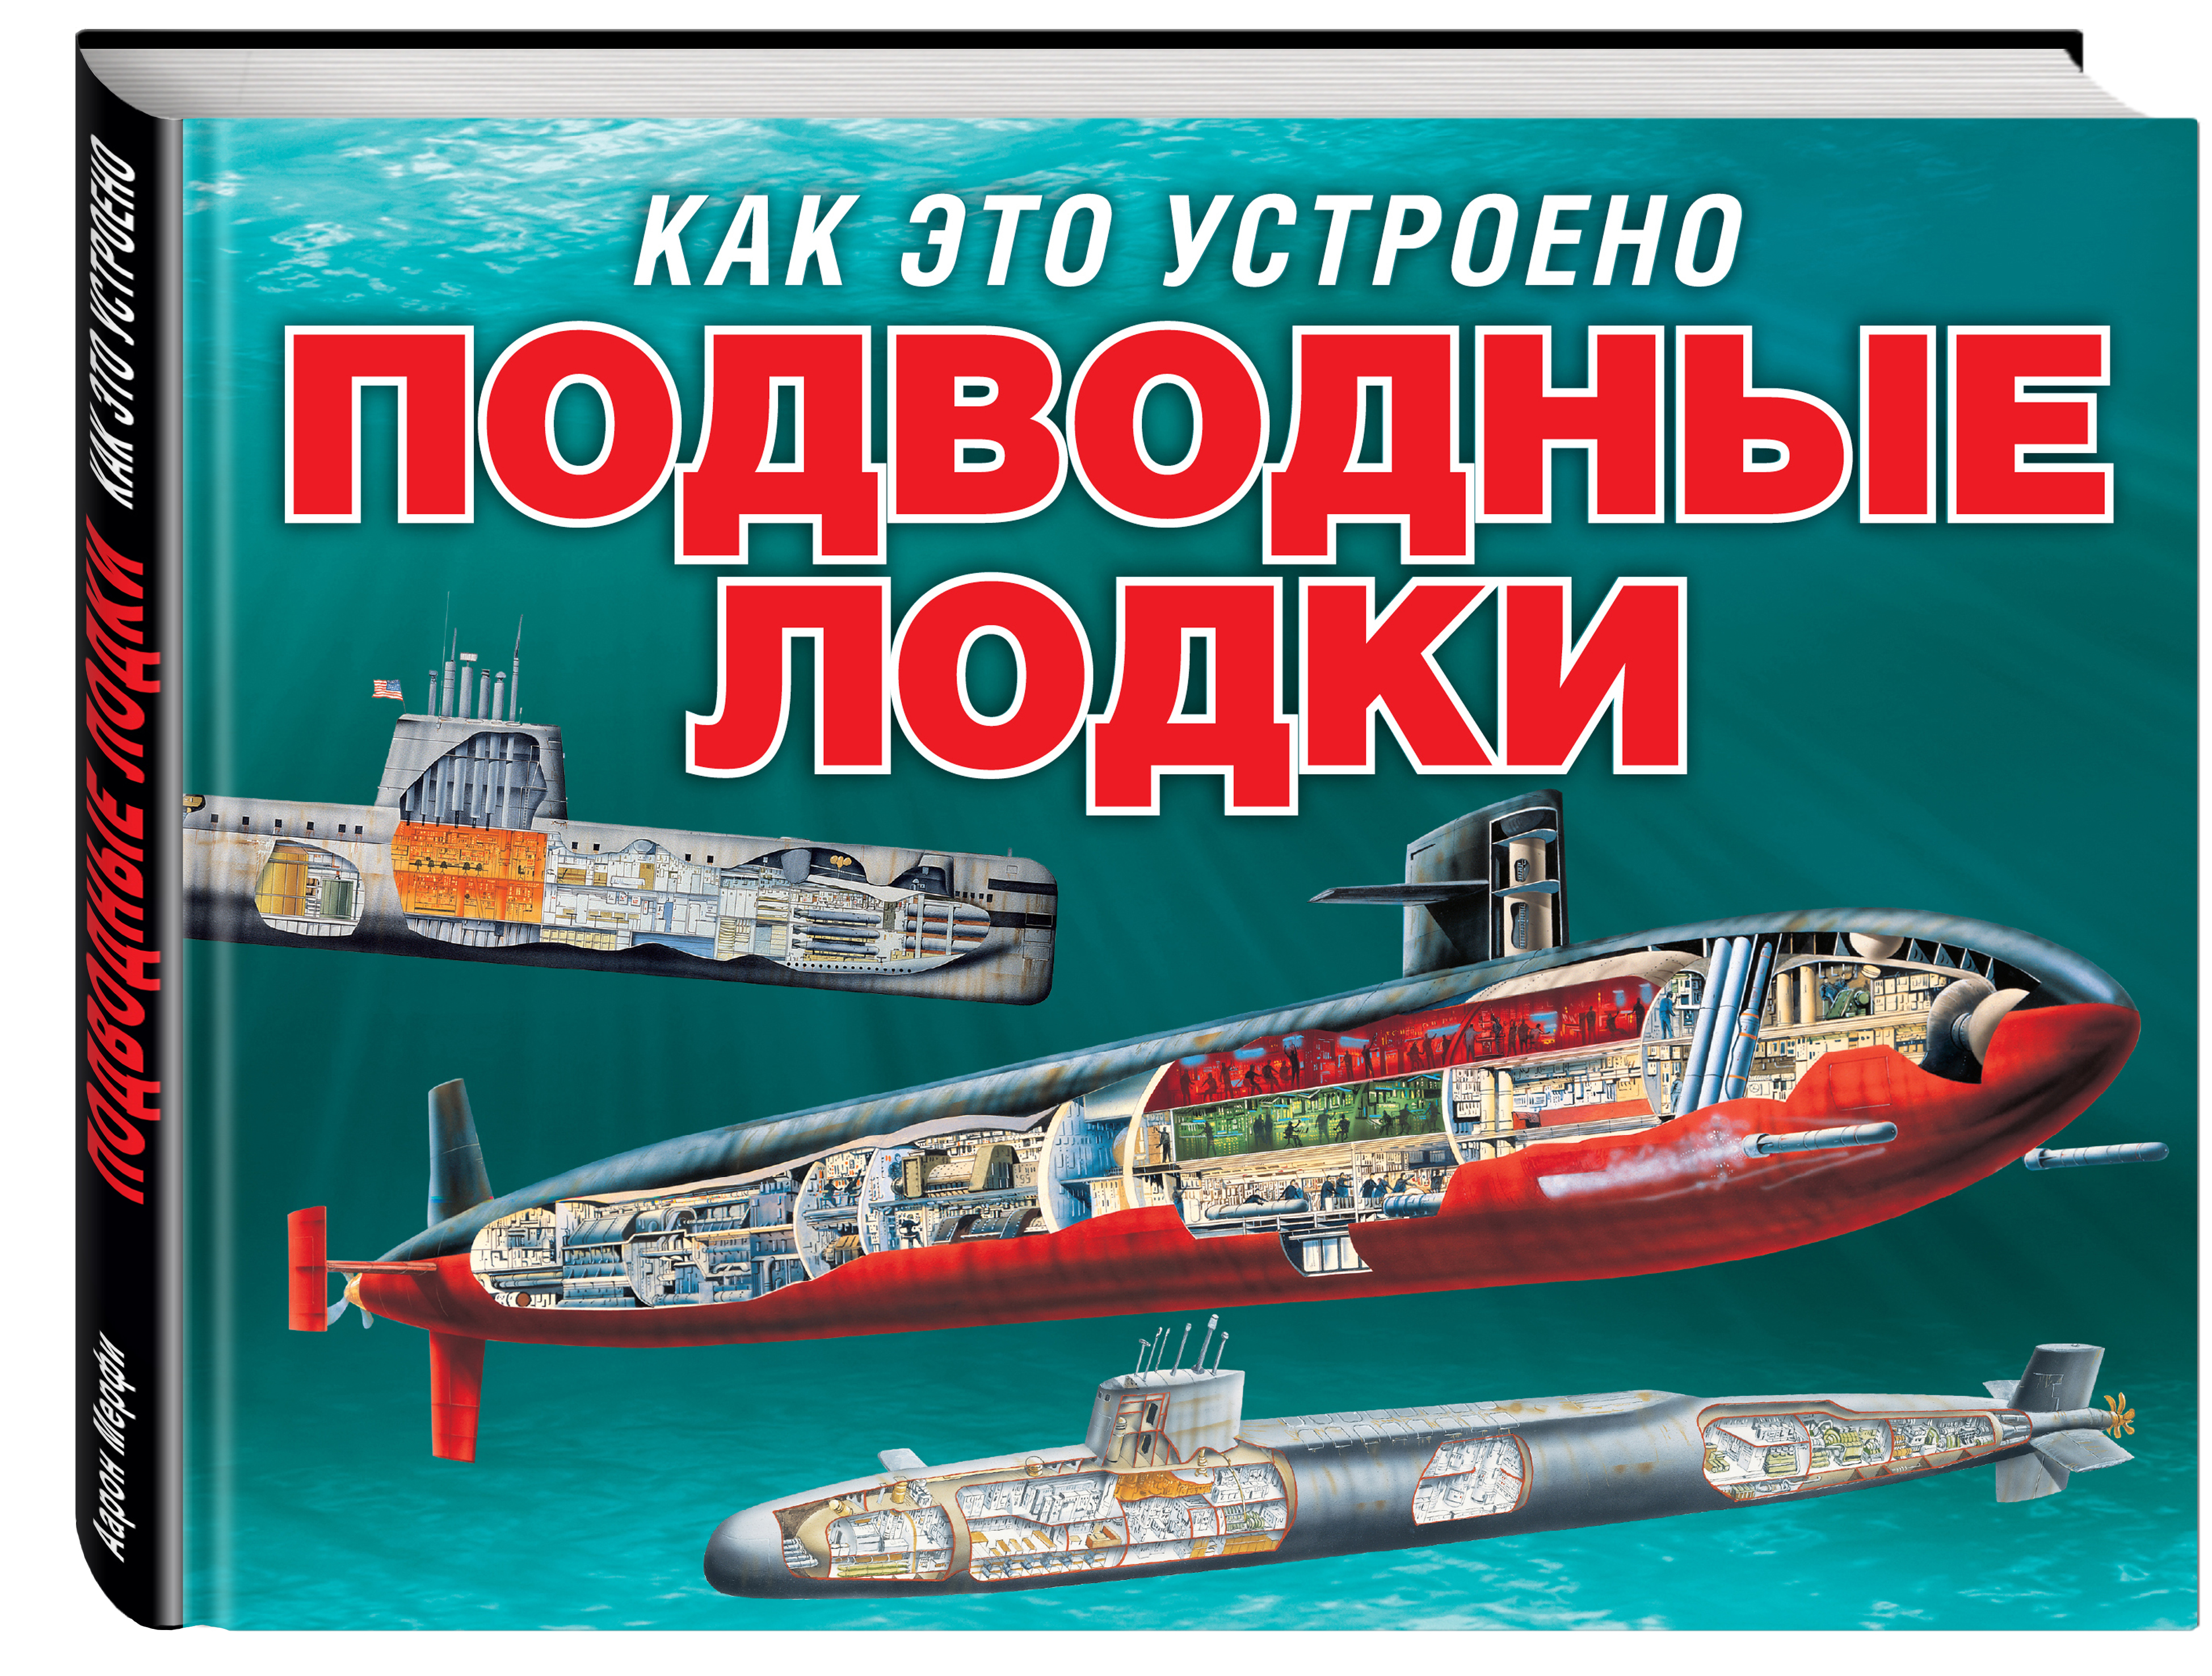 Стюарт Мюррей Подводные лодки (серия Как это устроено) подводная лодка подводная лодка f301 угол клапан красоты